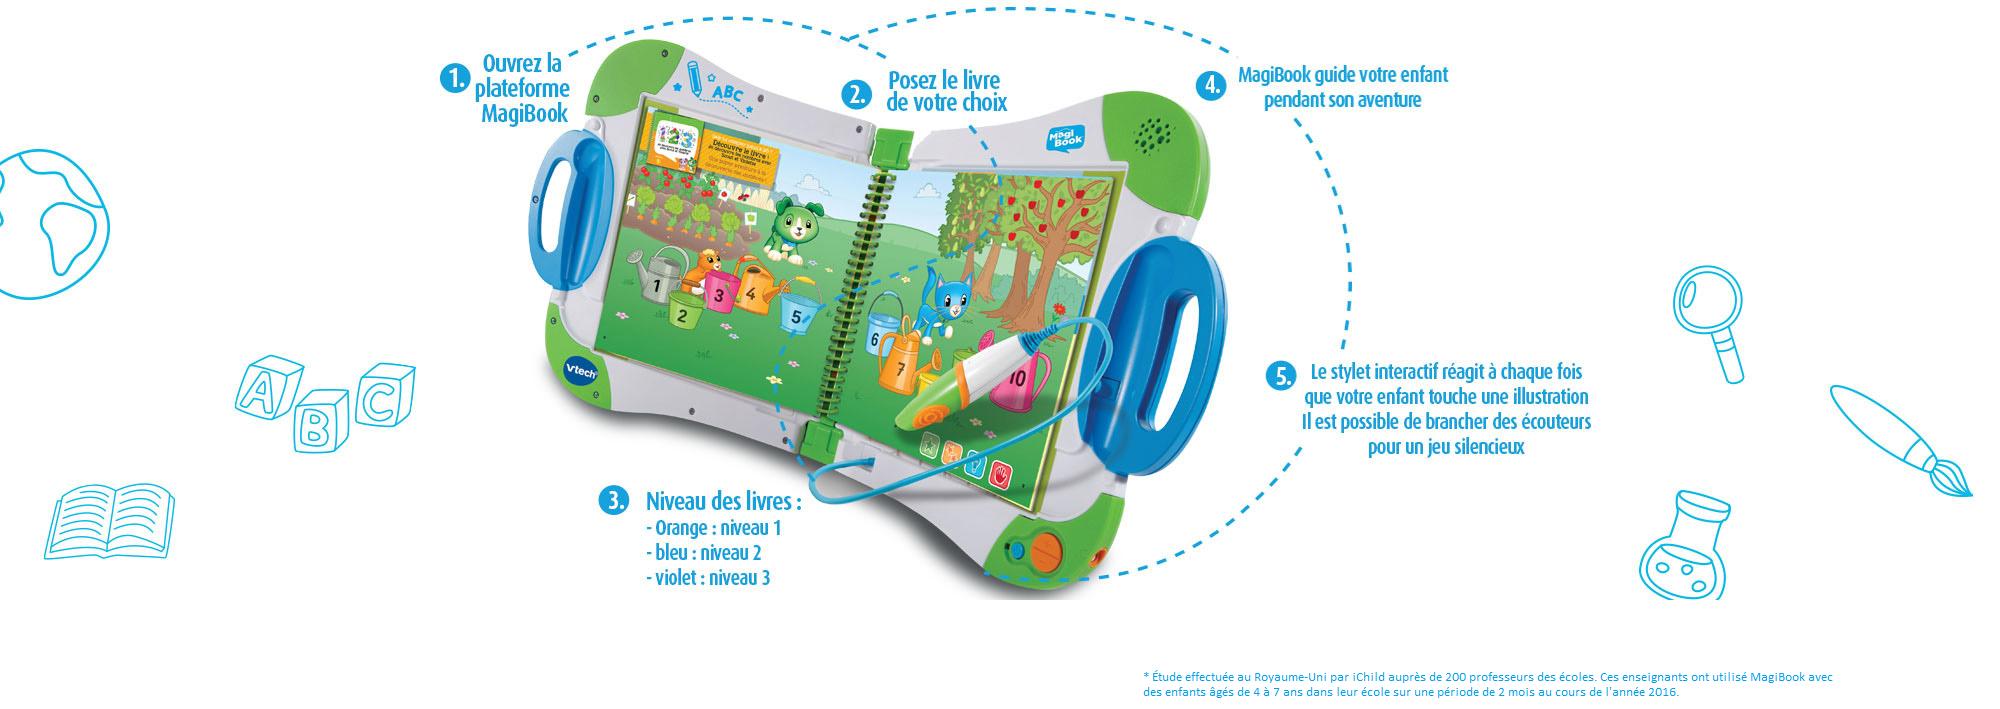 Livres Interactifs Enfant Magibook - Vtech dedans Jeux Interactifs 6 Ans